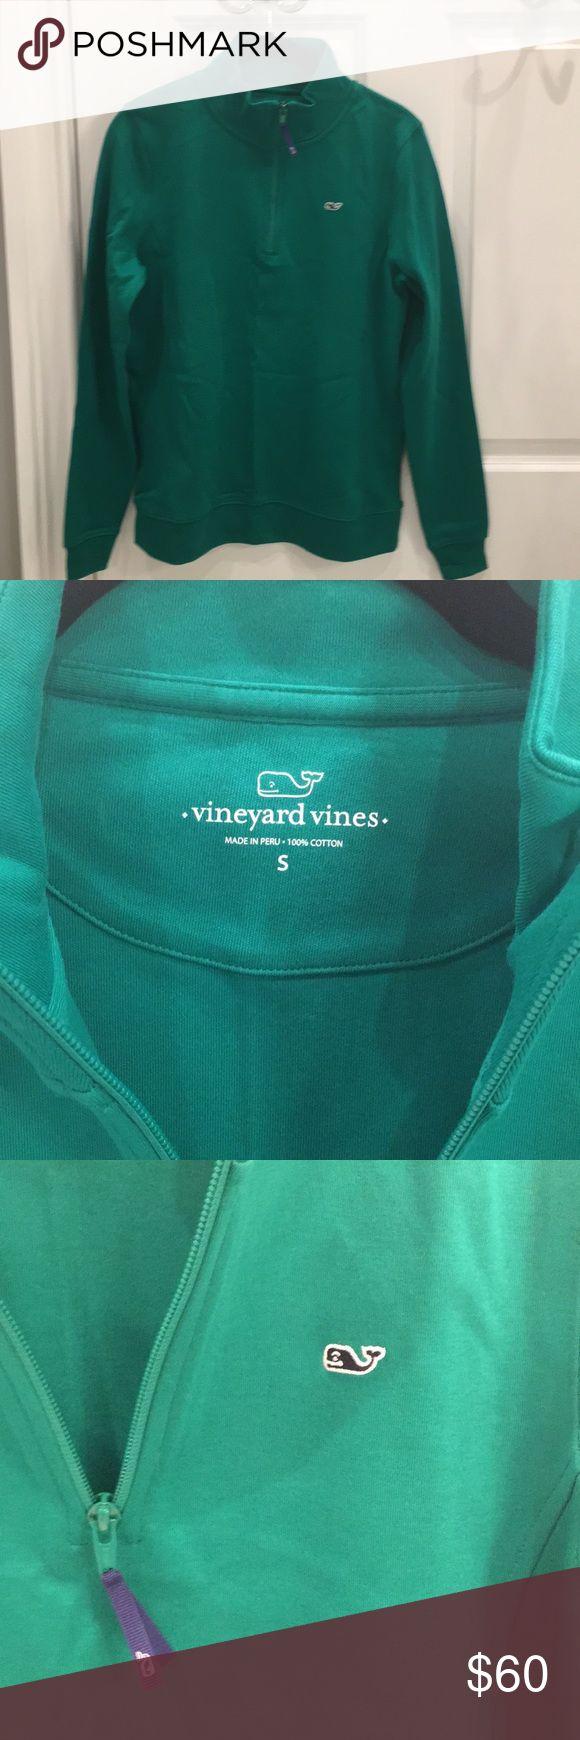 Vineyard Vines sweat shirt NWOT Vineyard Vines sweat shirt.Kelly green. Women's small. Vineyard Vines Tops Sweatshirts & Hoodies